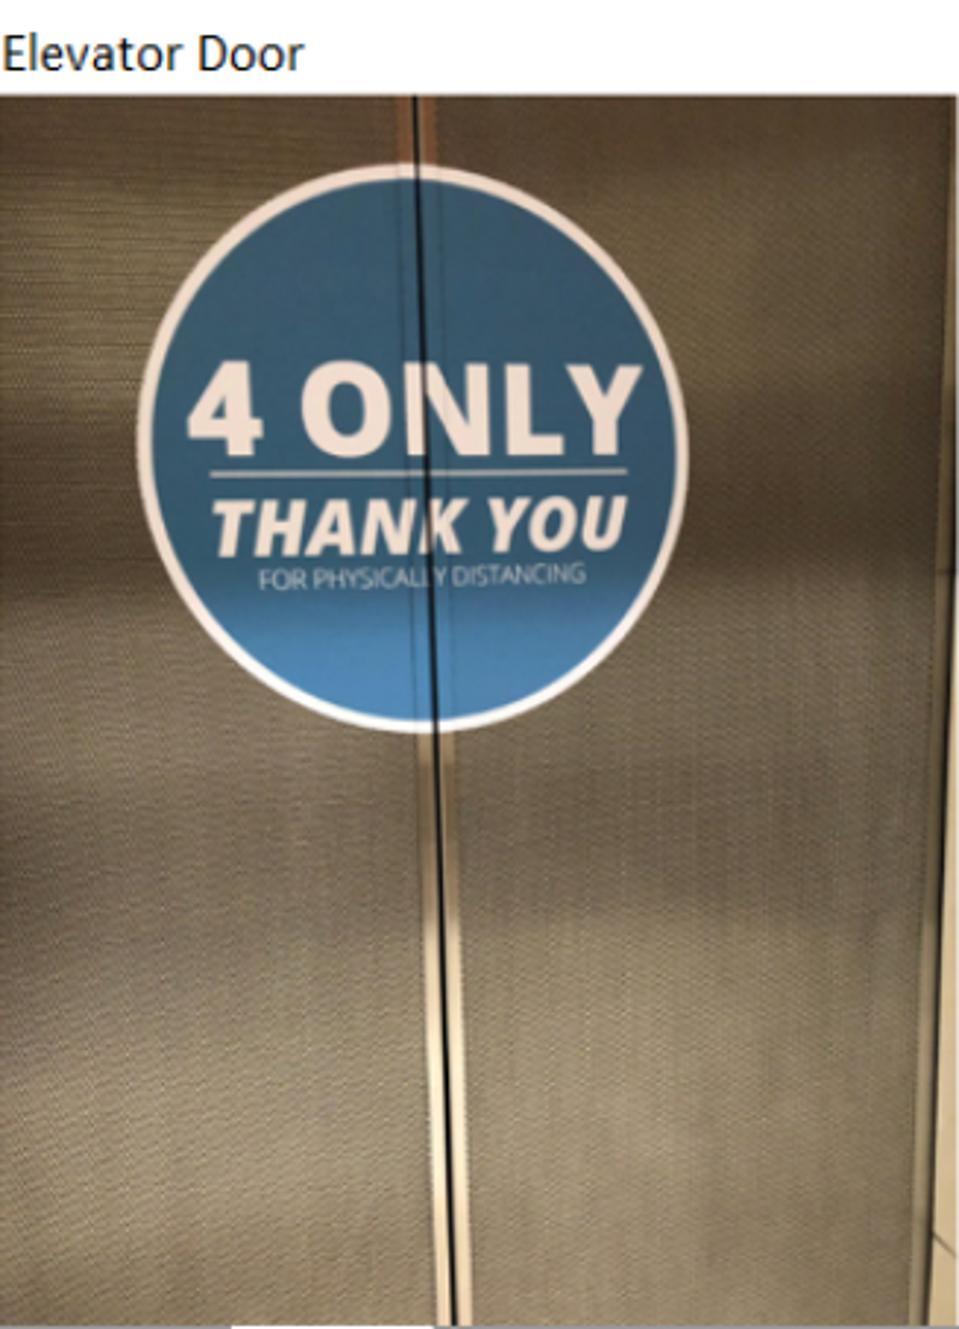 4 per elevator